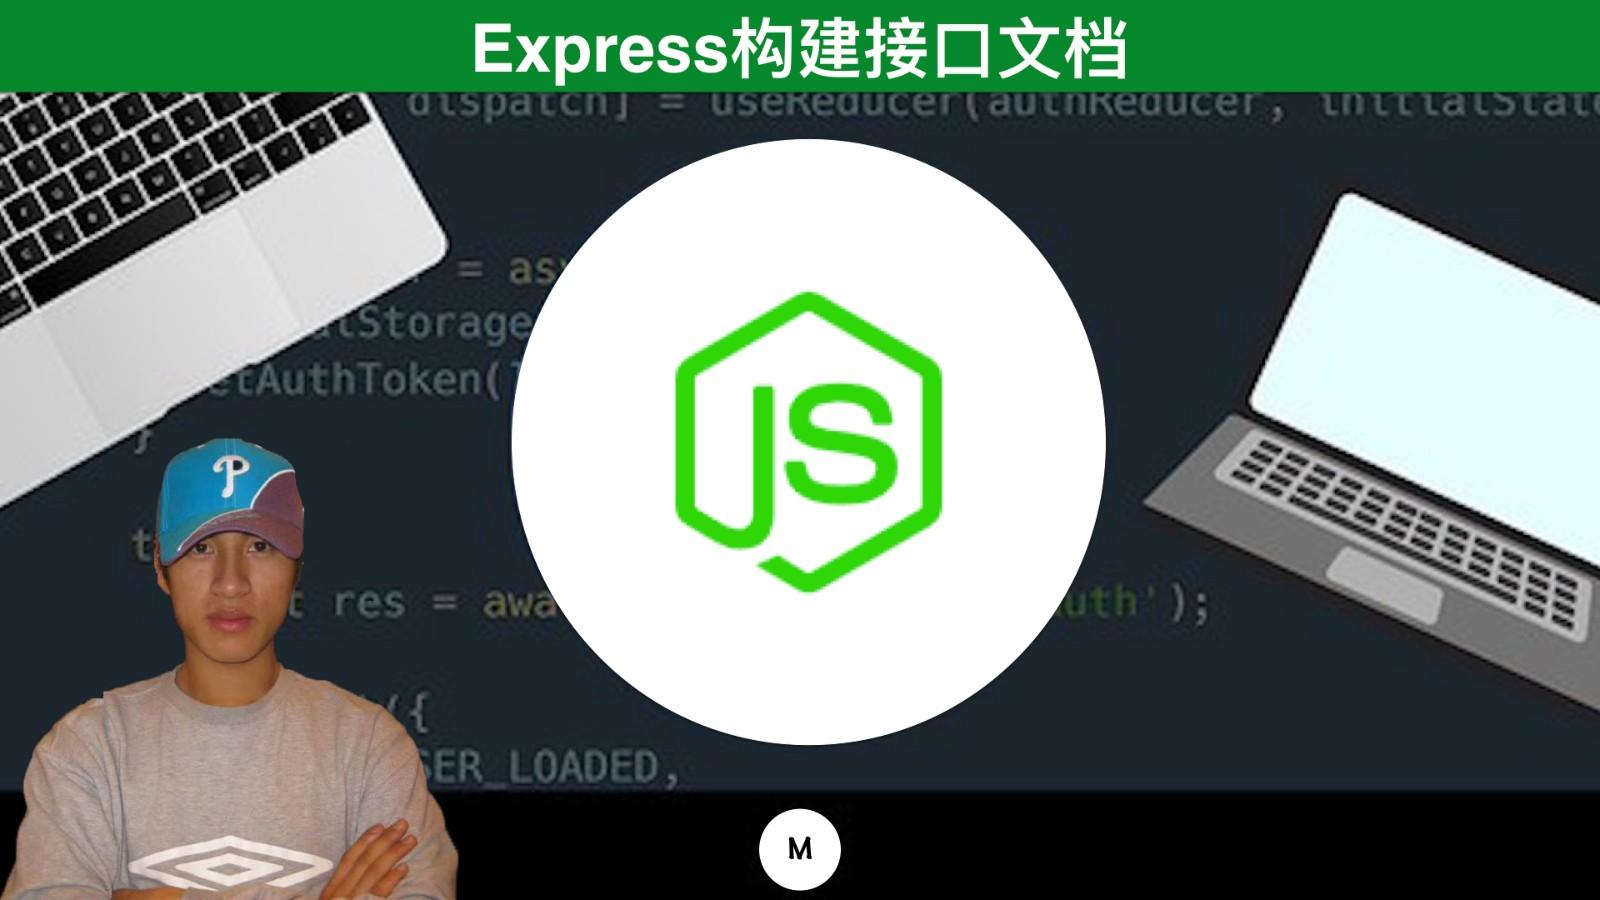 Express实战项目-构建接口文档